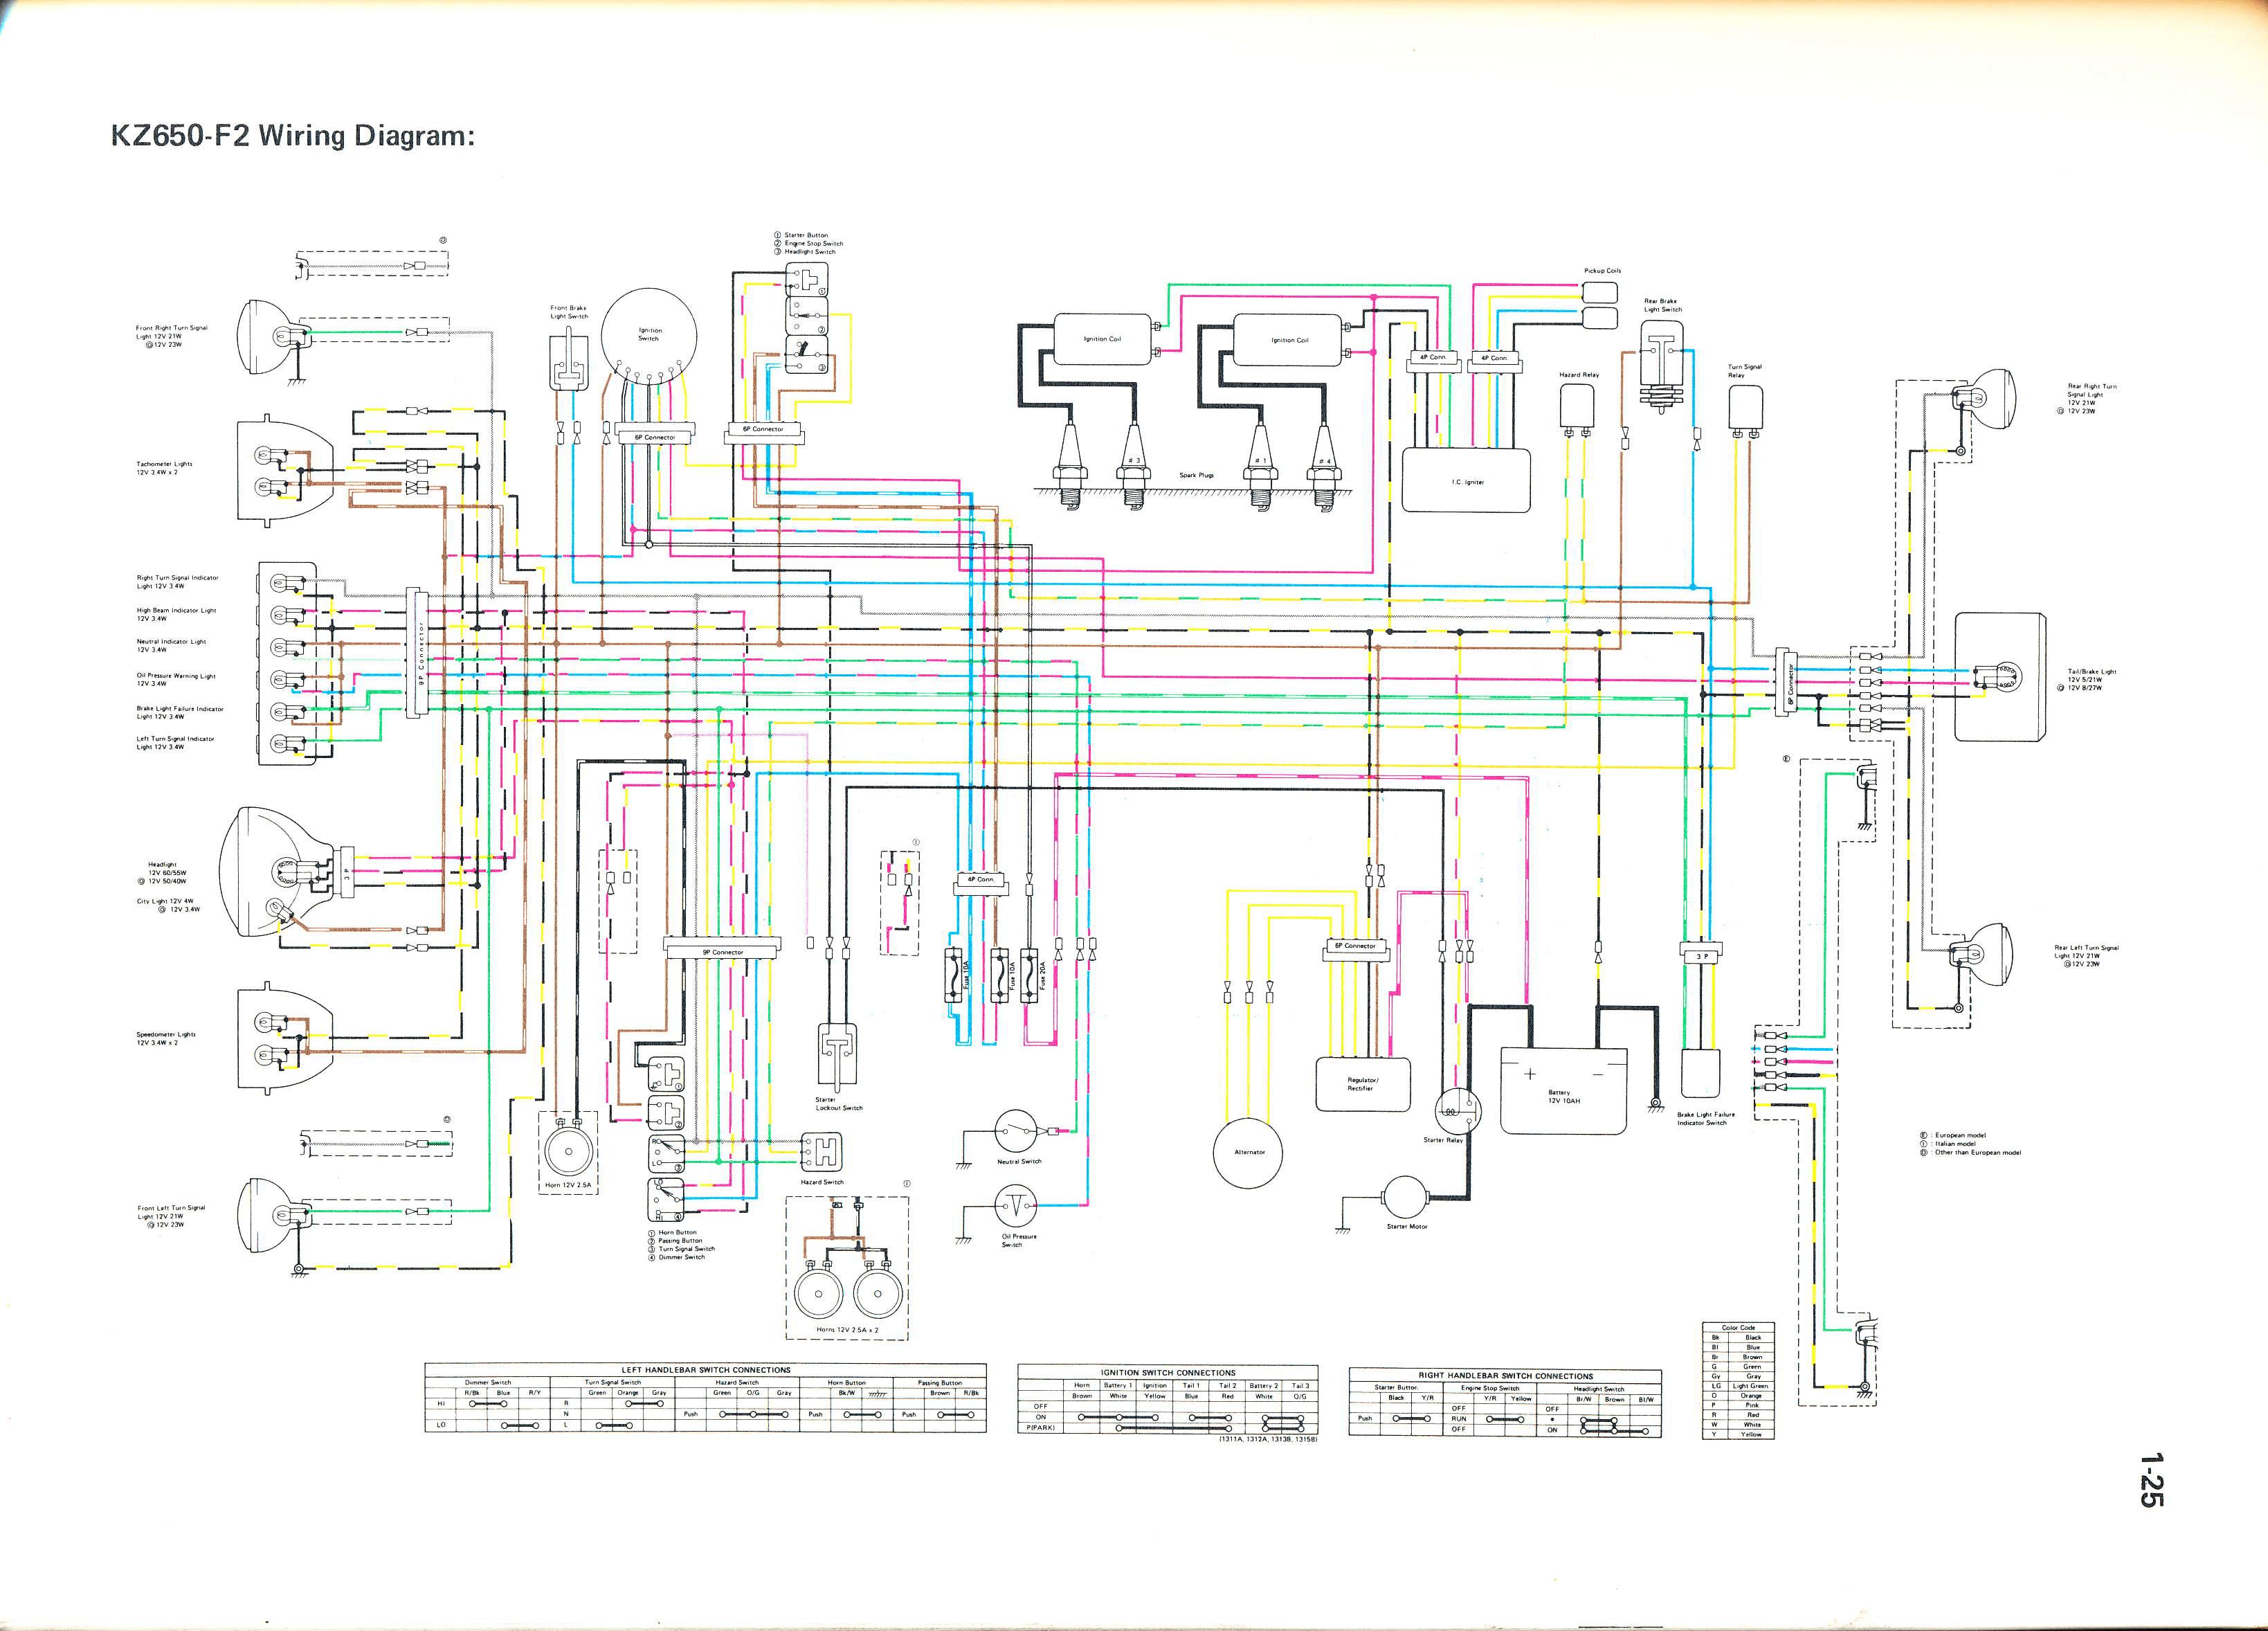 honda 400ex ignition wiring diagram 2007 honda 400ex wiring diagram - somurich.com